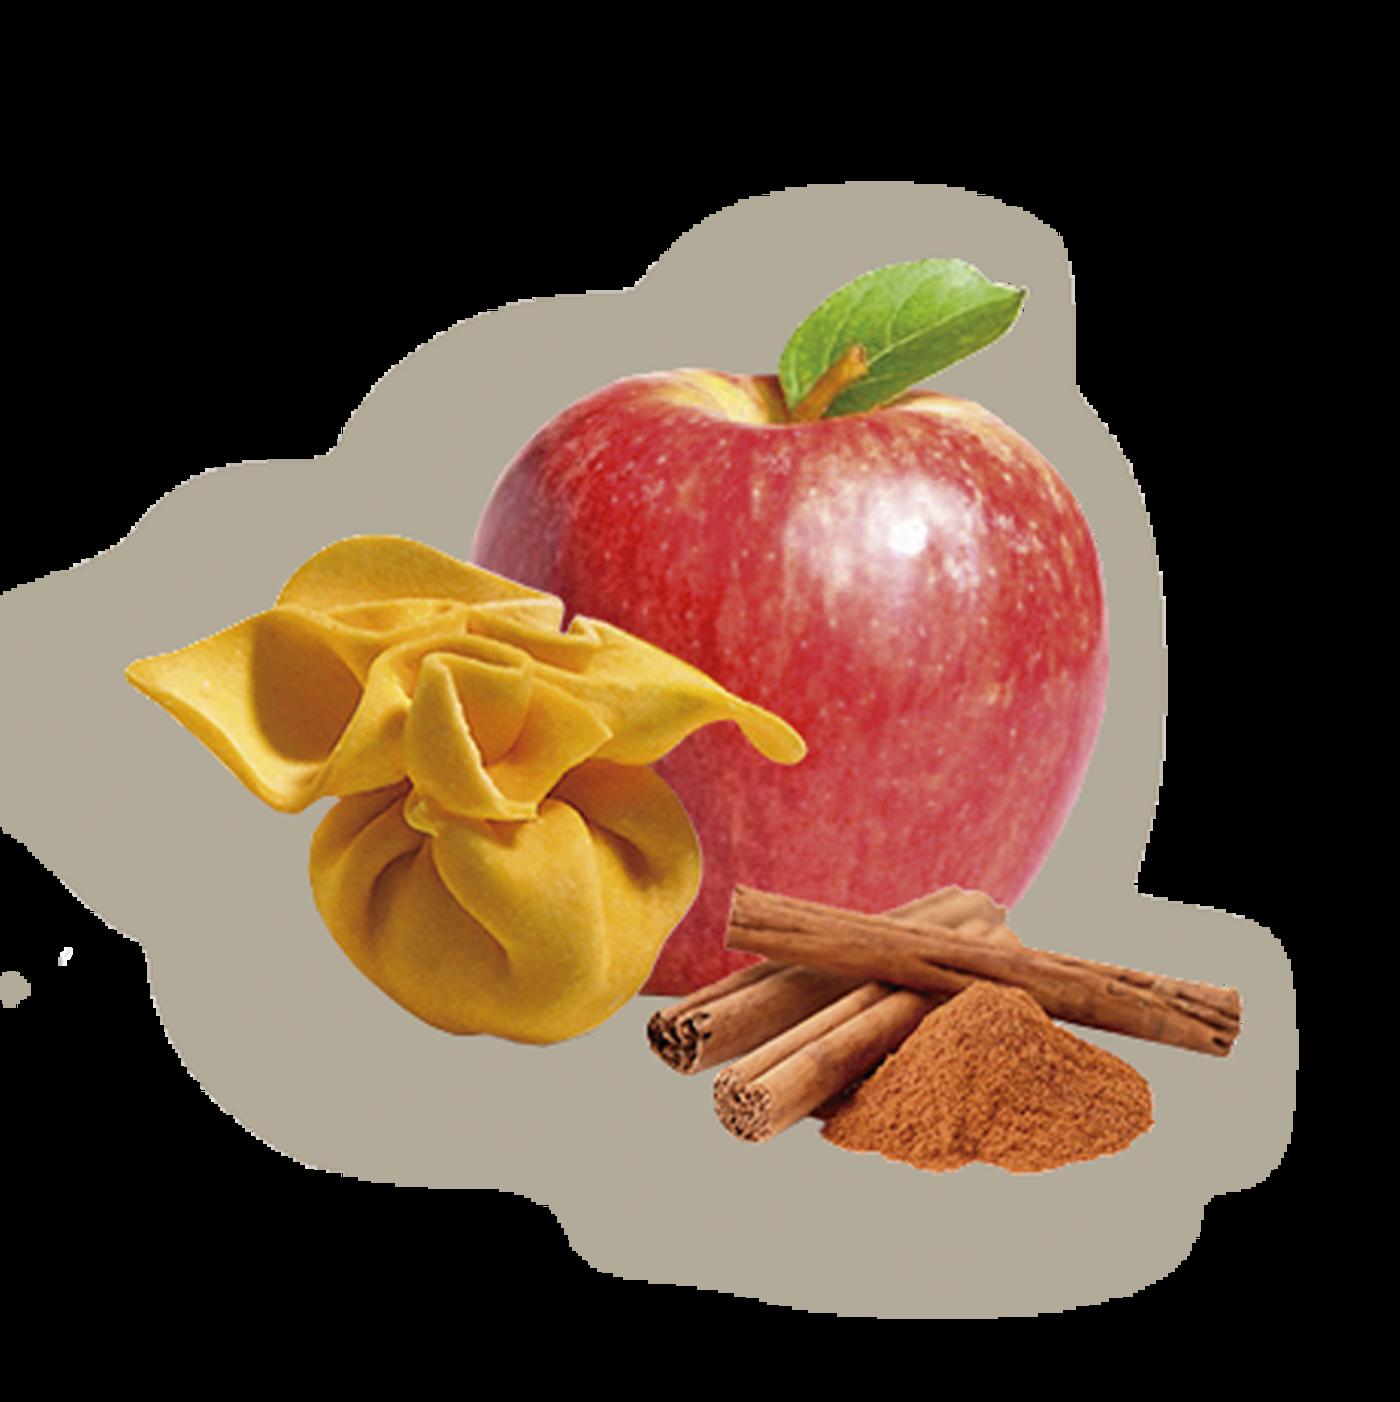 Fiocchi De Manzana Y Canela